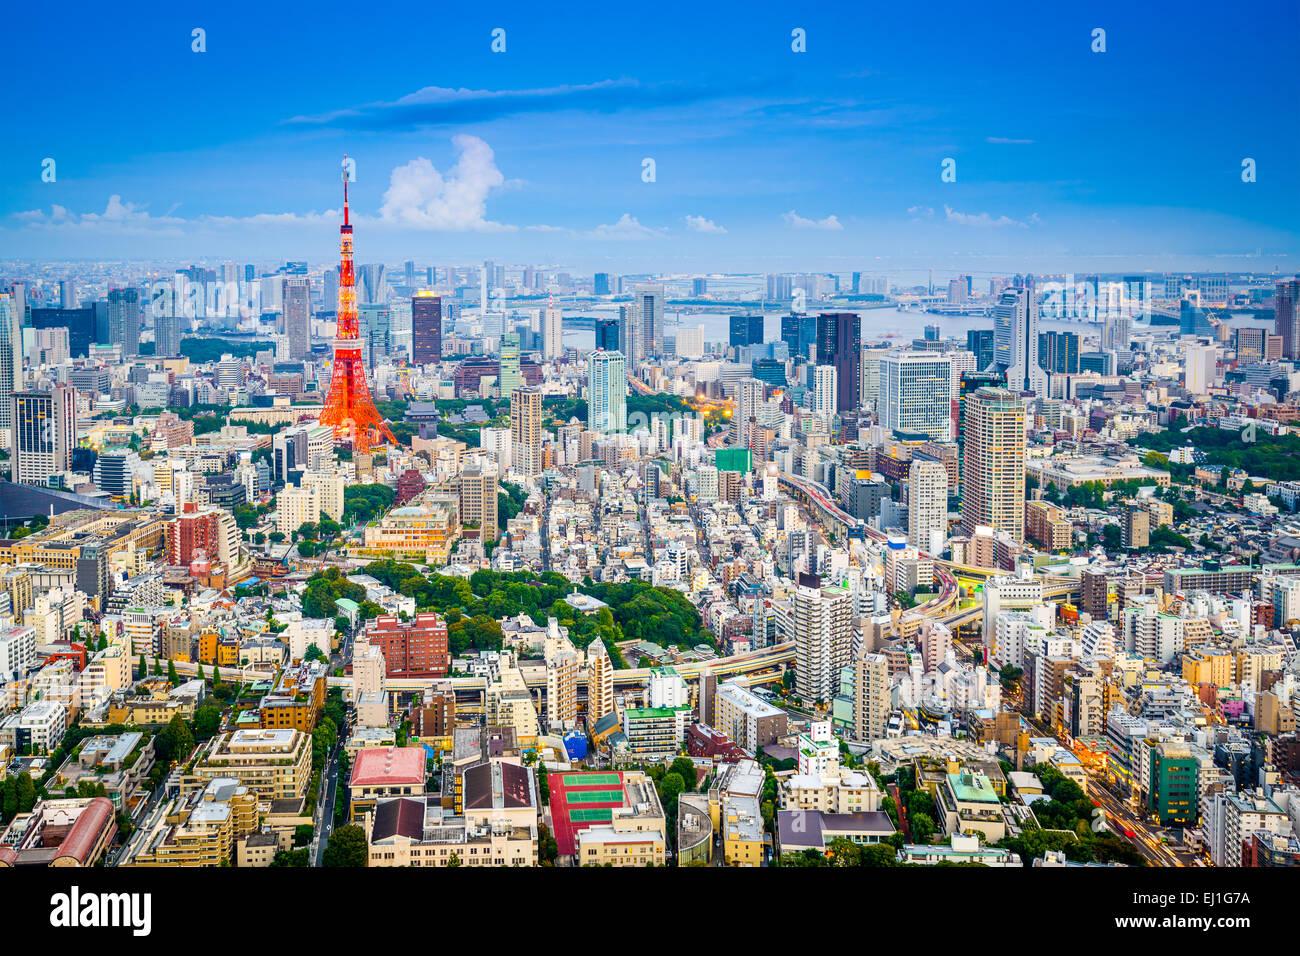 Tokyo, Japan Stadt Skyline von Roppongi Hills in Richtung Tokyo Tower. Stockbild